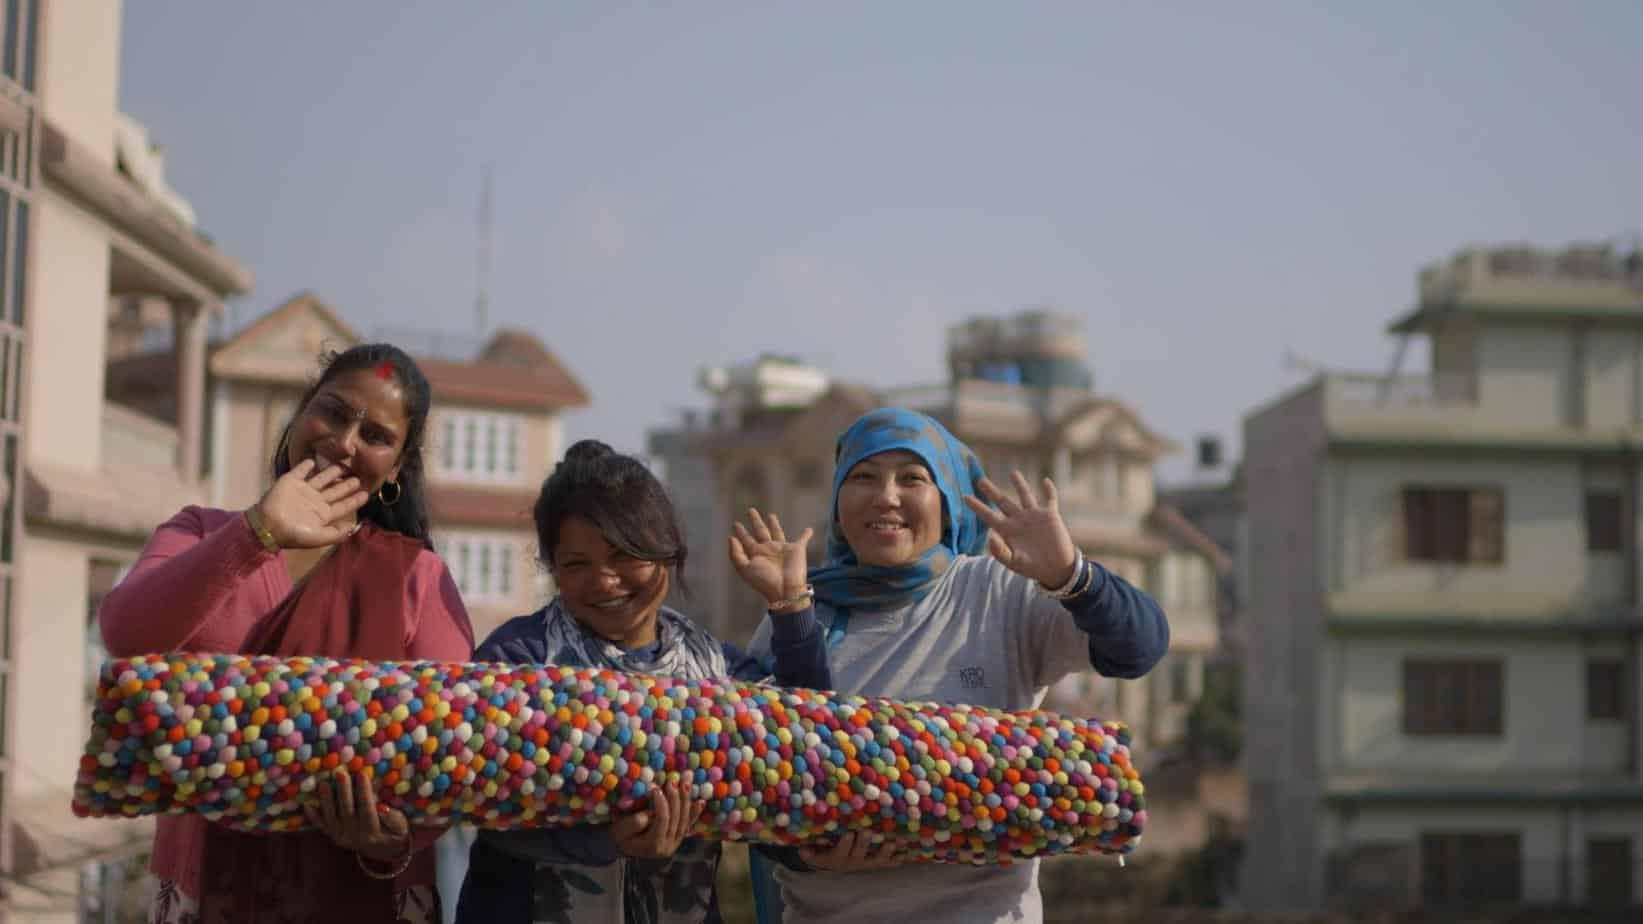 nepal 2 - Sukhi, une marque de tapis équitable et tendance